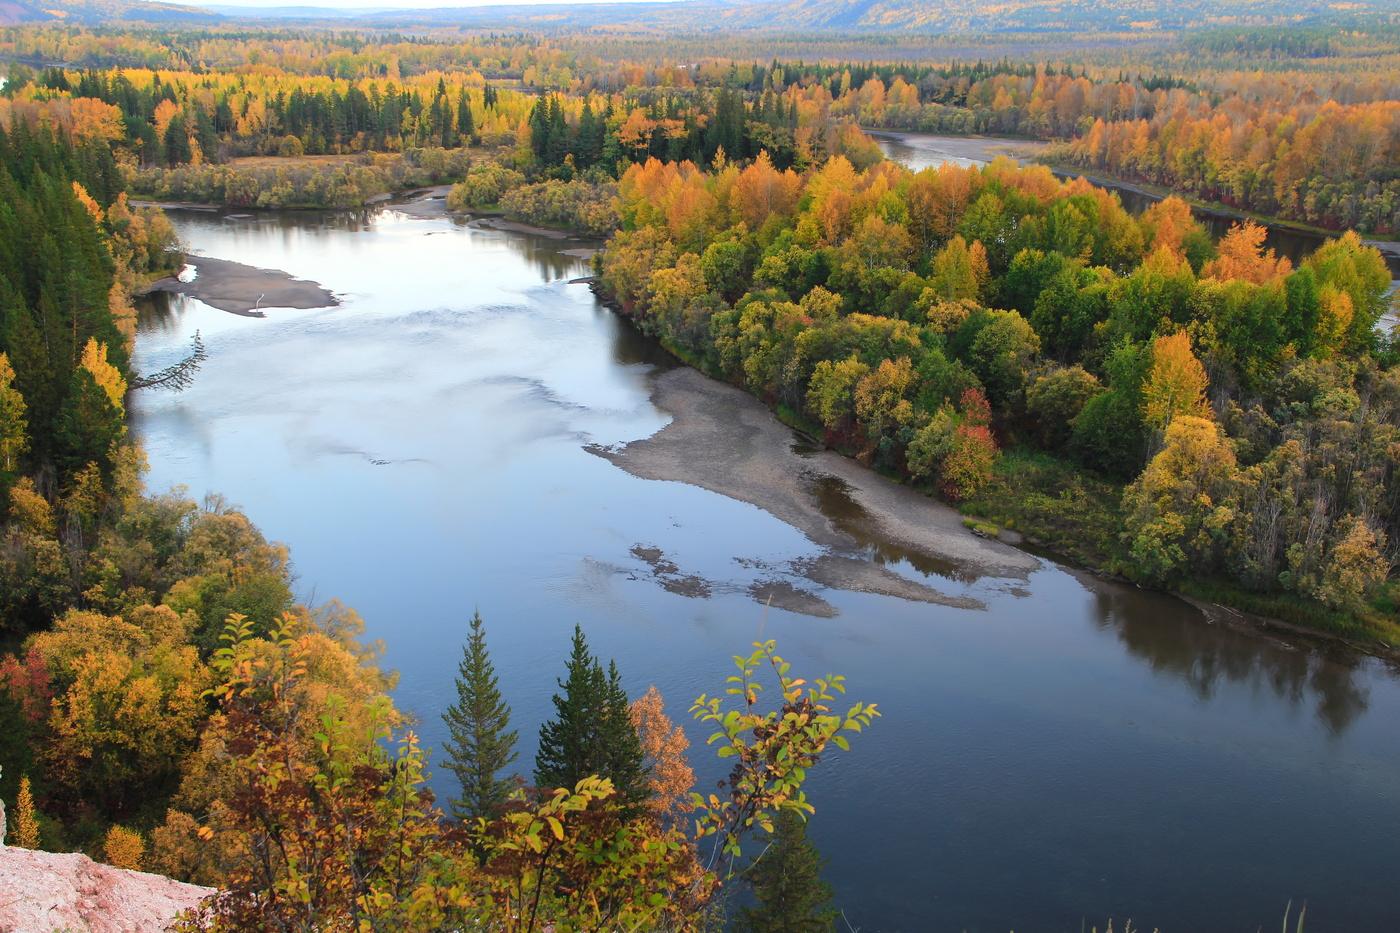 первой красивые картинки иркутской области палец правой